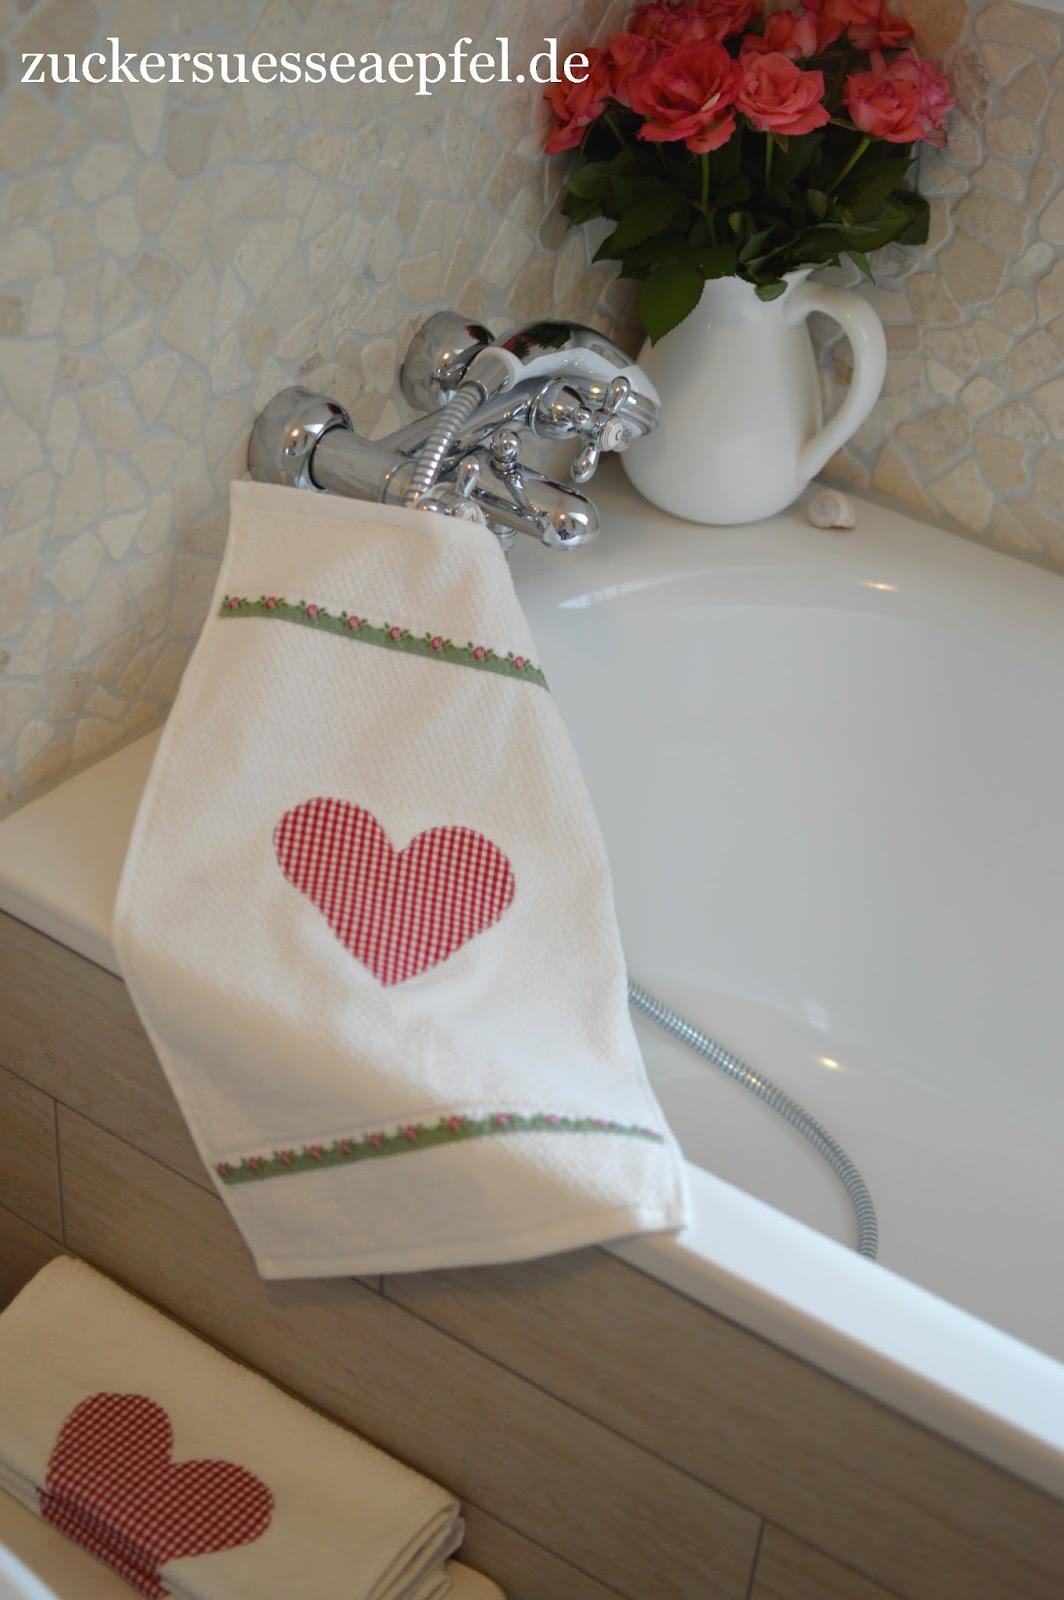 Handtücher Landhausstil handtücher im landhausstil schnell und einfach selber nähen